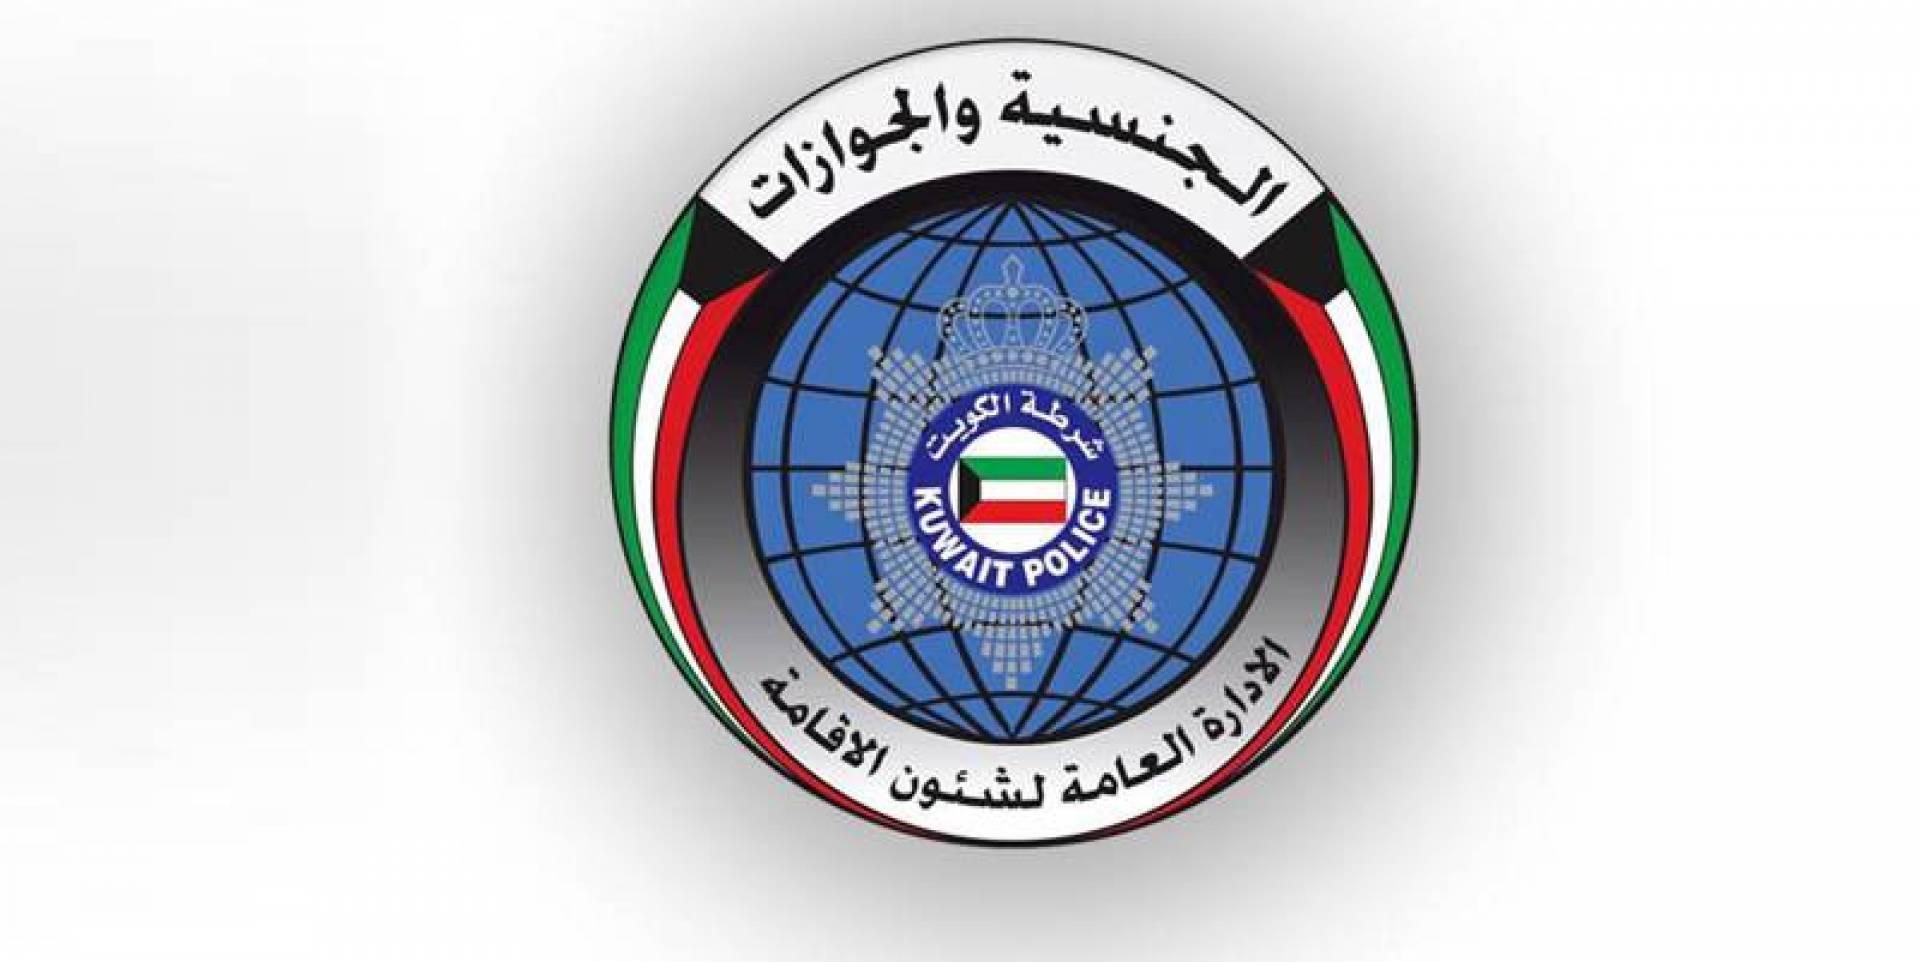 الجهات الحكومية والسفارات تجدد إقامات موظفيها إلكترونياً